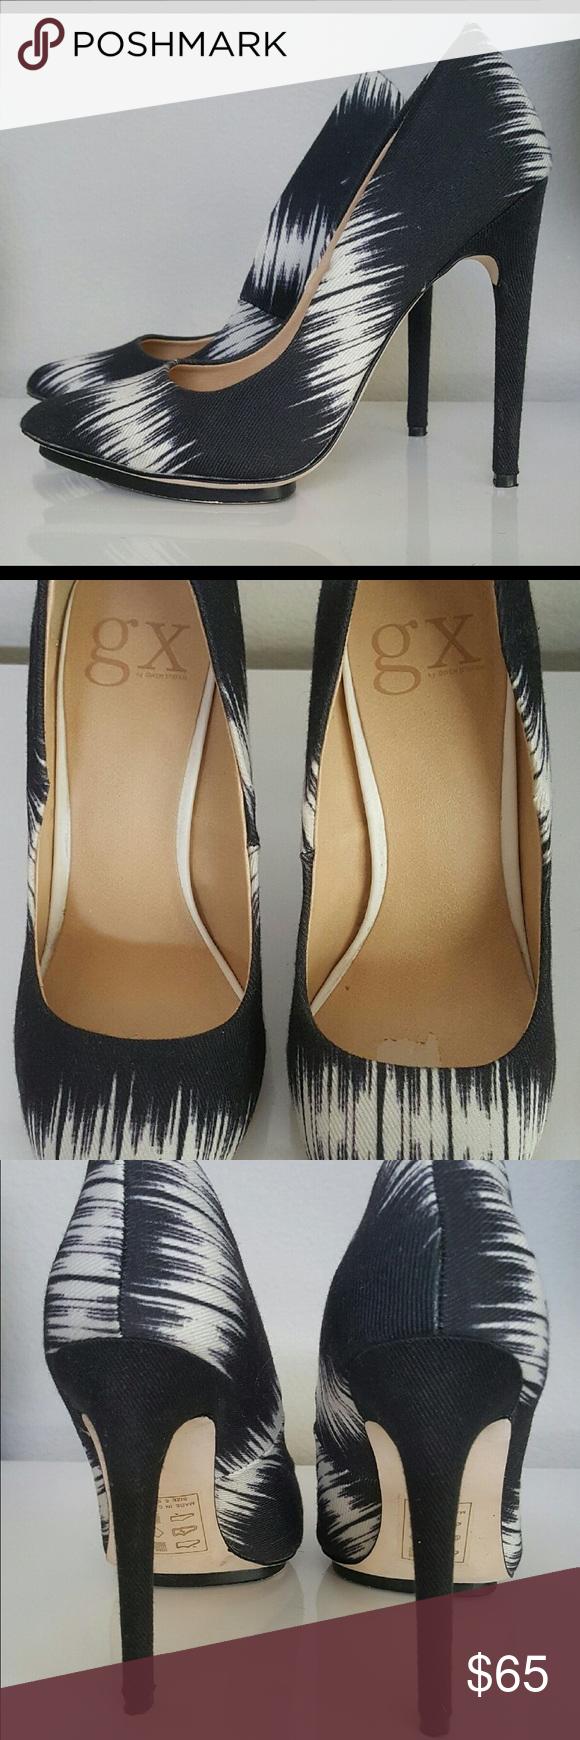 GX by Gwen Stefanie high heels 👠 | Heels, Beautiful heels